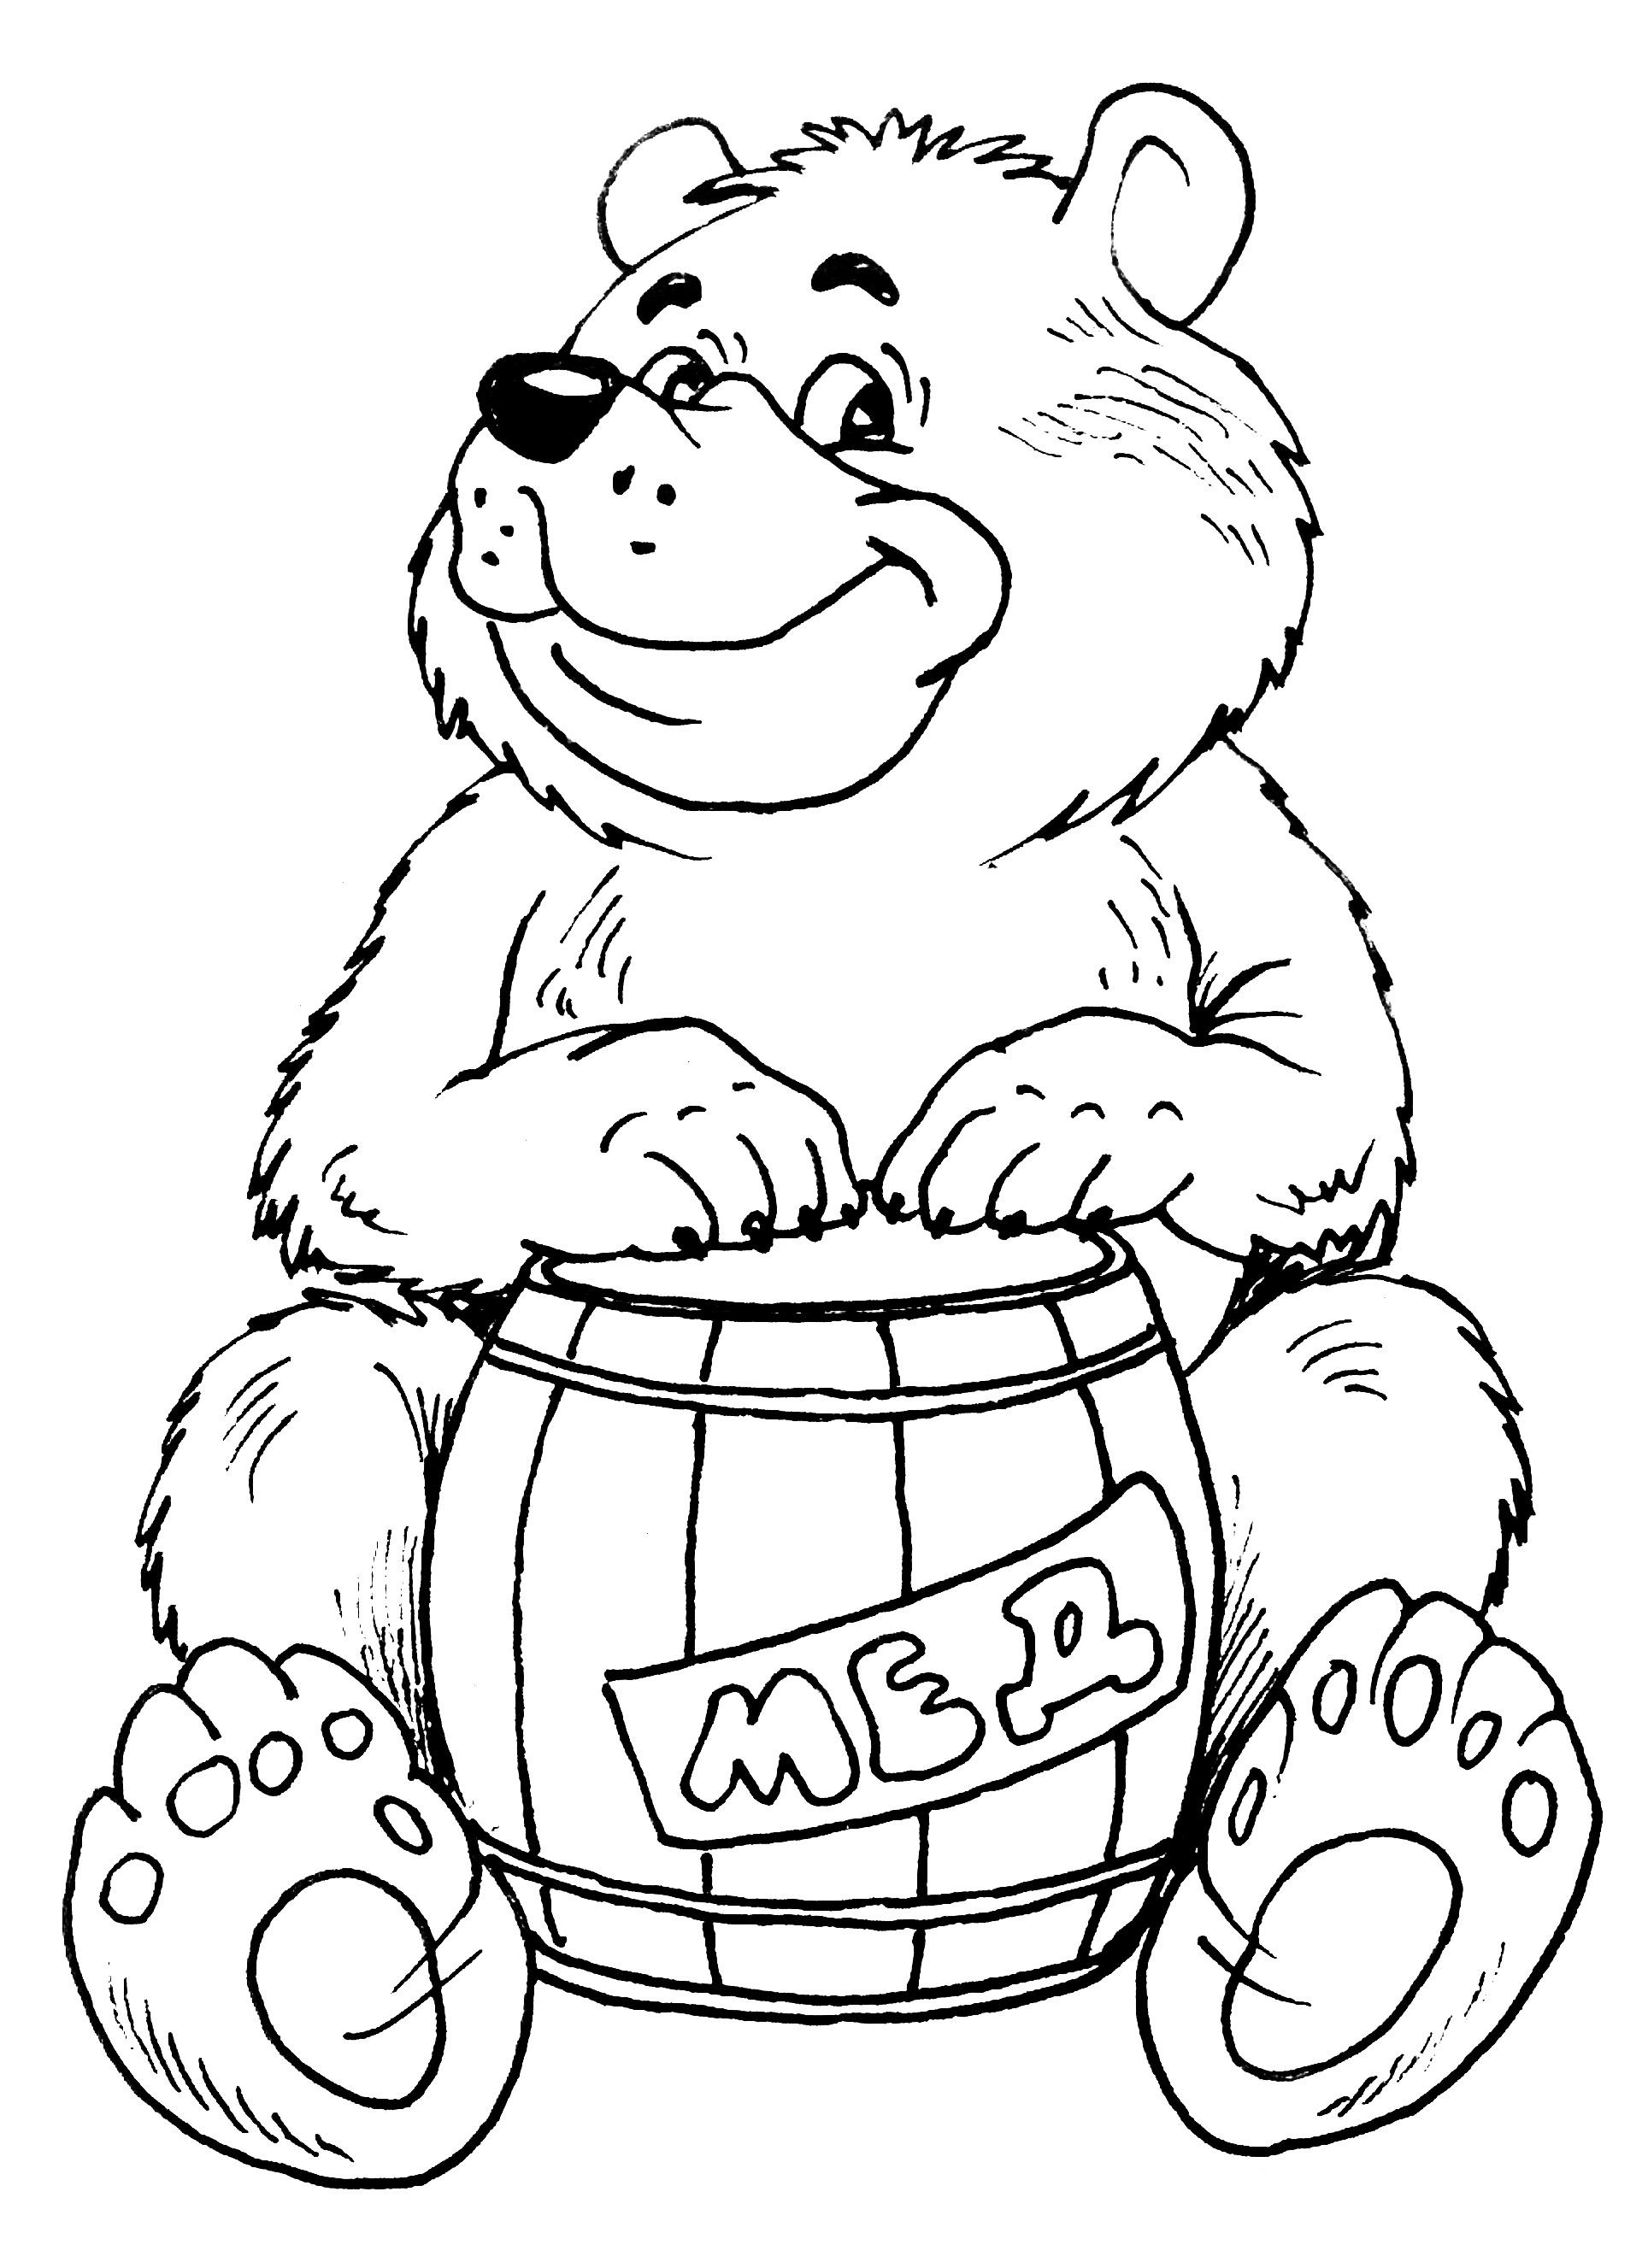 может беспрепятственно нарисовать картинку мишка с медом карандашом поздравить тебя